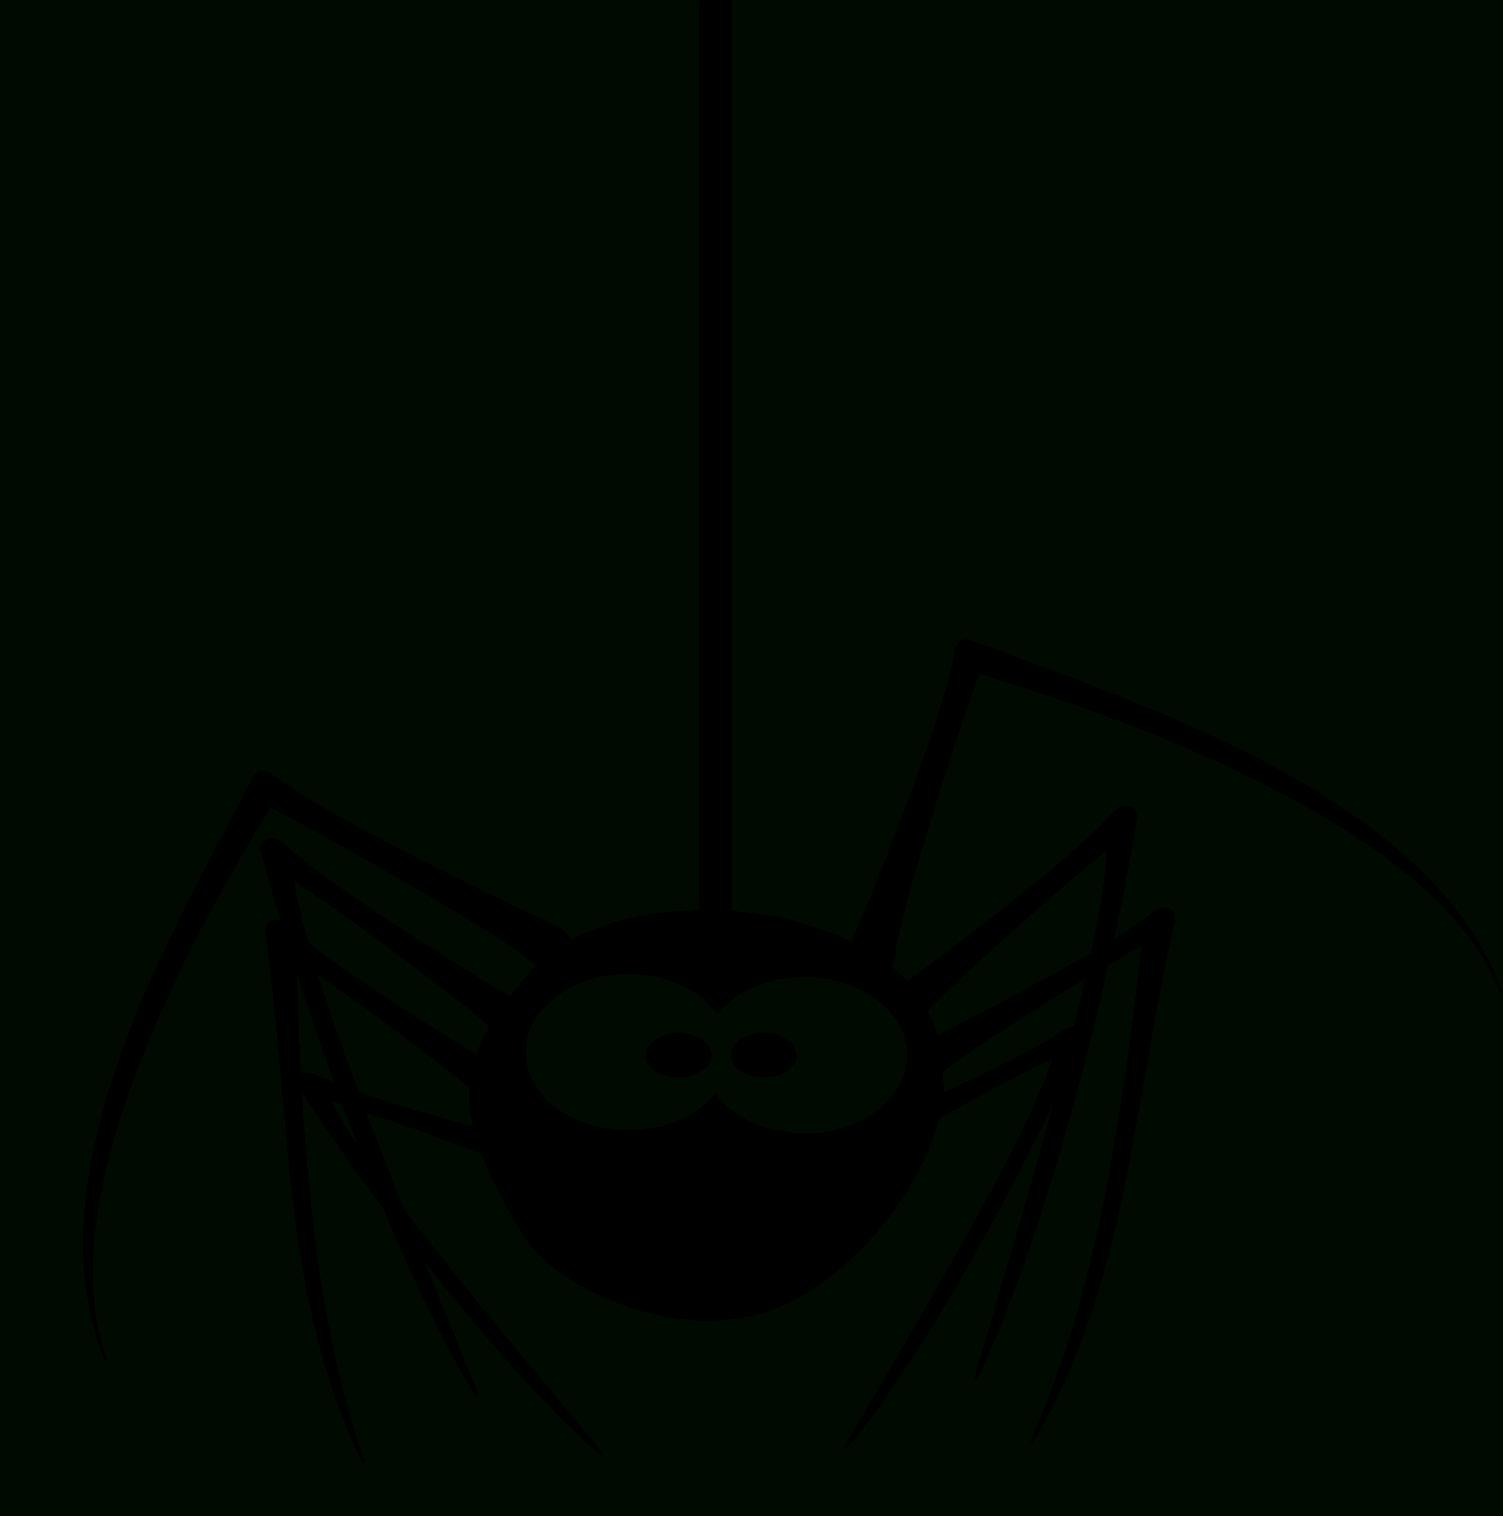 Araignée Dessin Png 3 » Png Image tout Dessiner Une Araignee